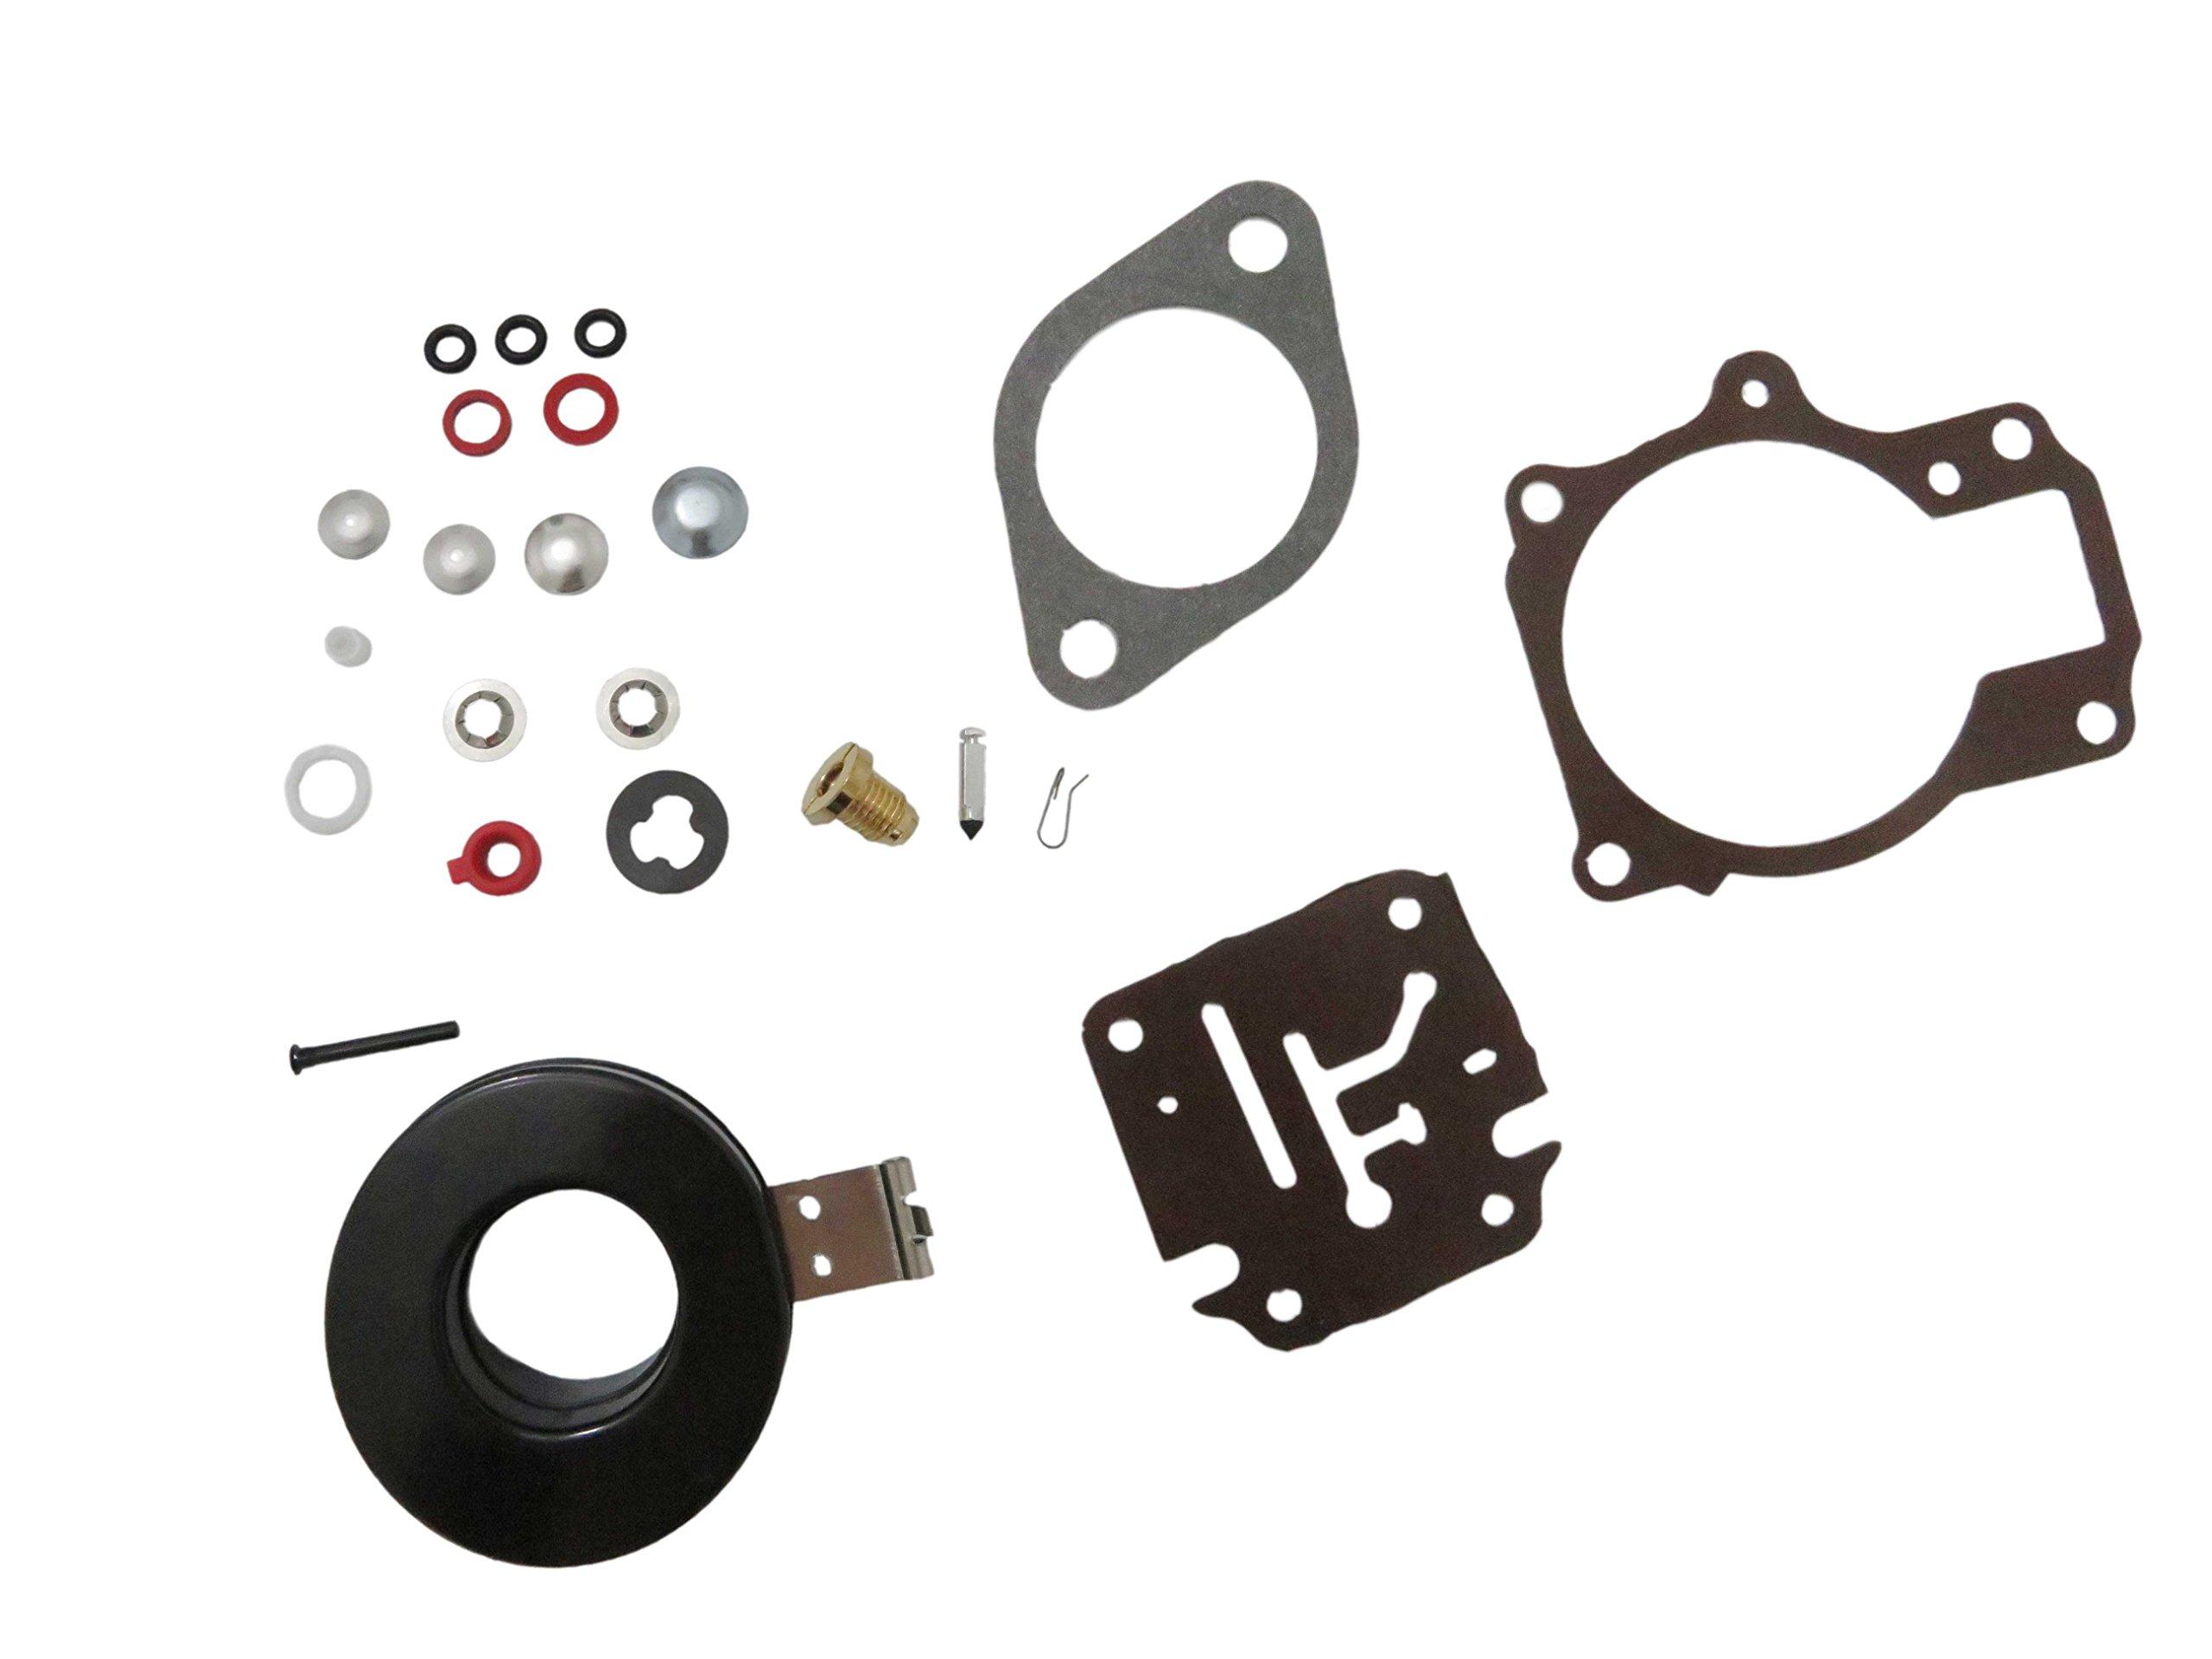 3PCS For Johnson Evinrude 18 20 25 28 40 45 48 HP Carburetor Rebuild Kit w//Float